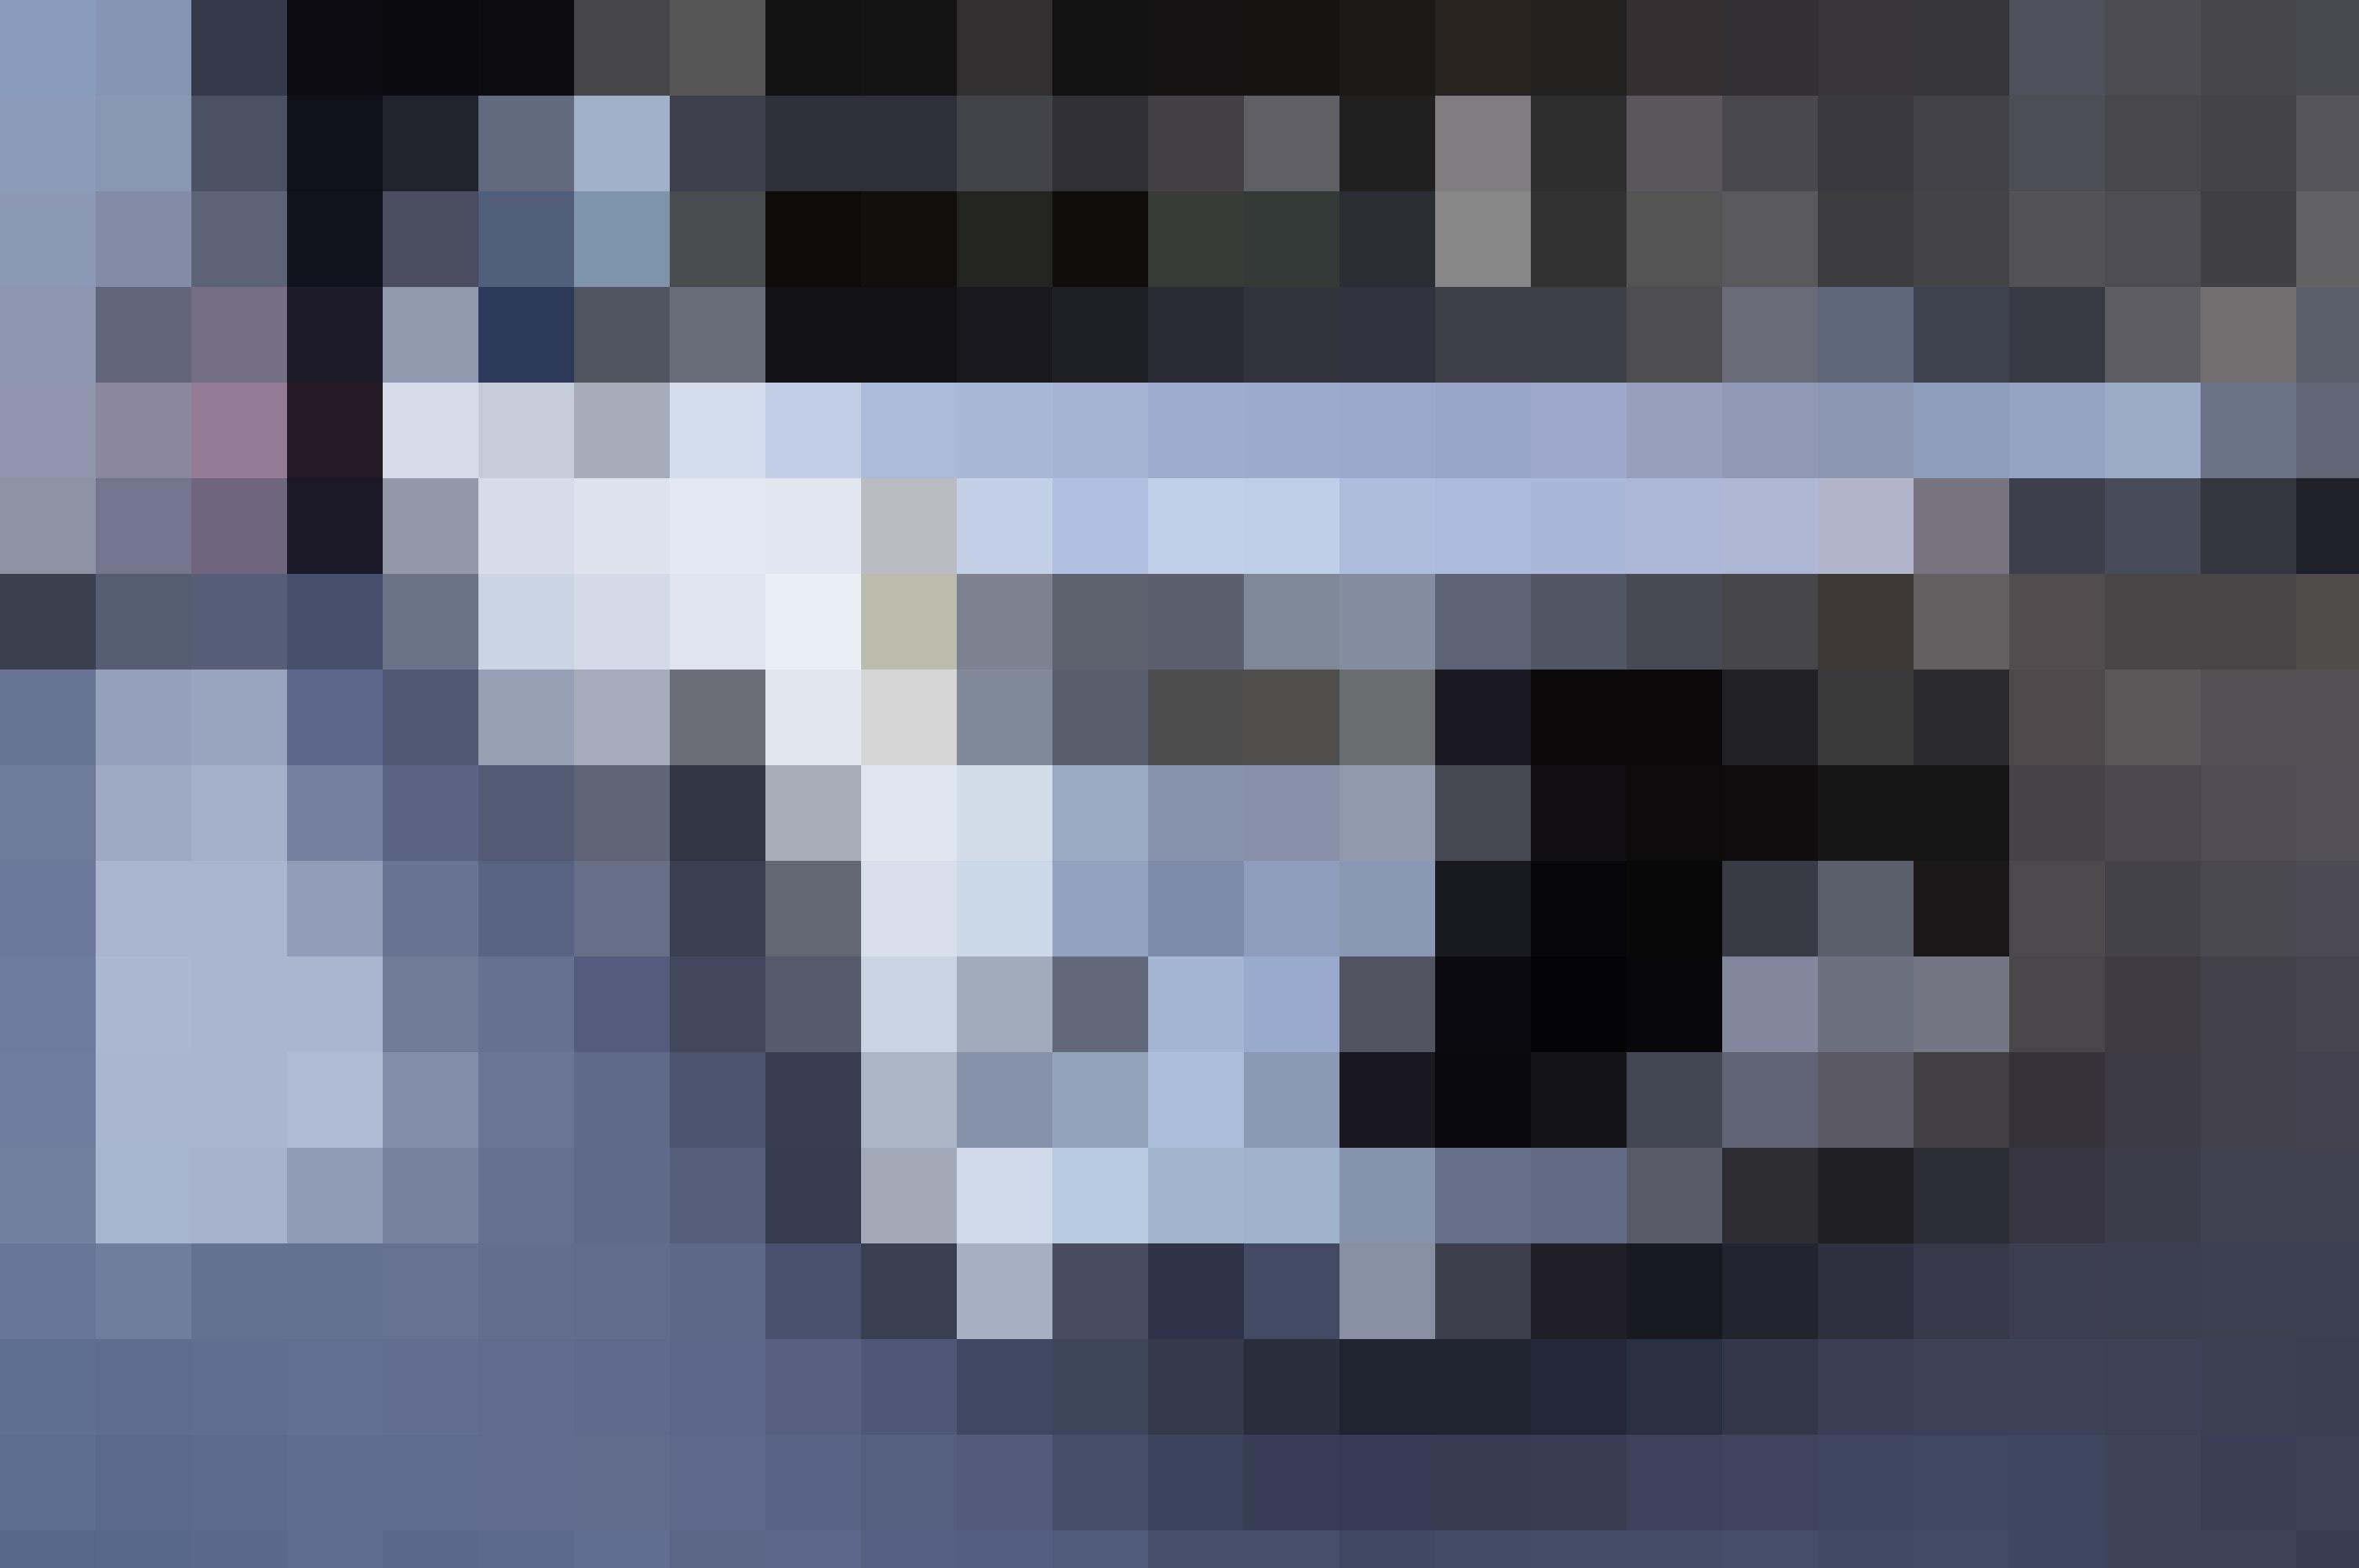 LX570c.jpg